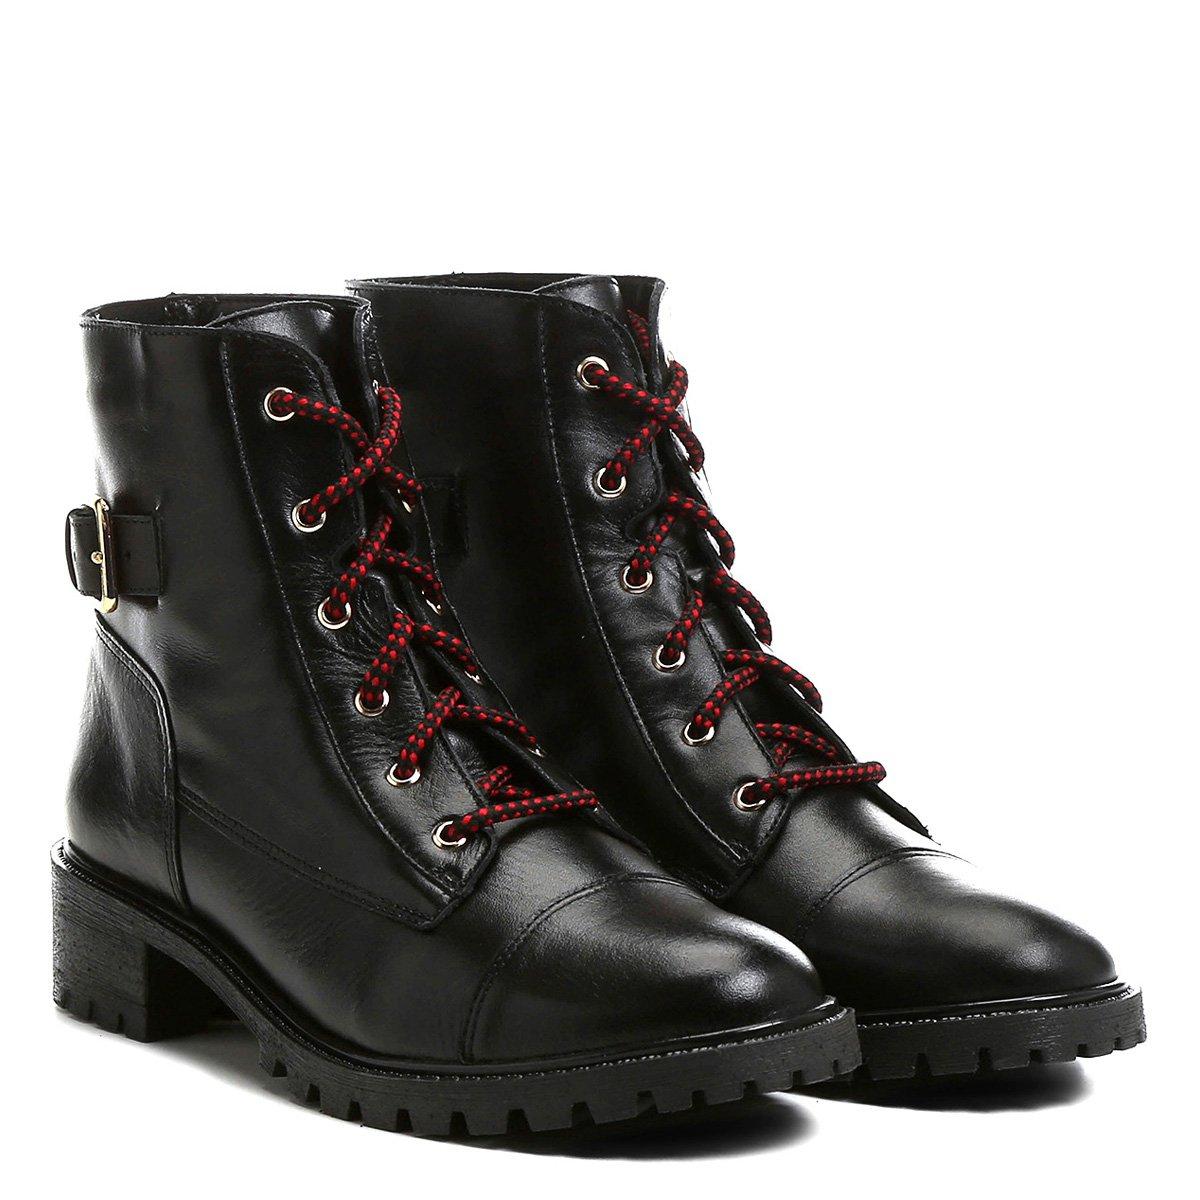 2b86bcf885f Bota Couro Coturno Shoestock Fivela Feminina - Preto - Compre Agora ...